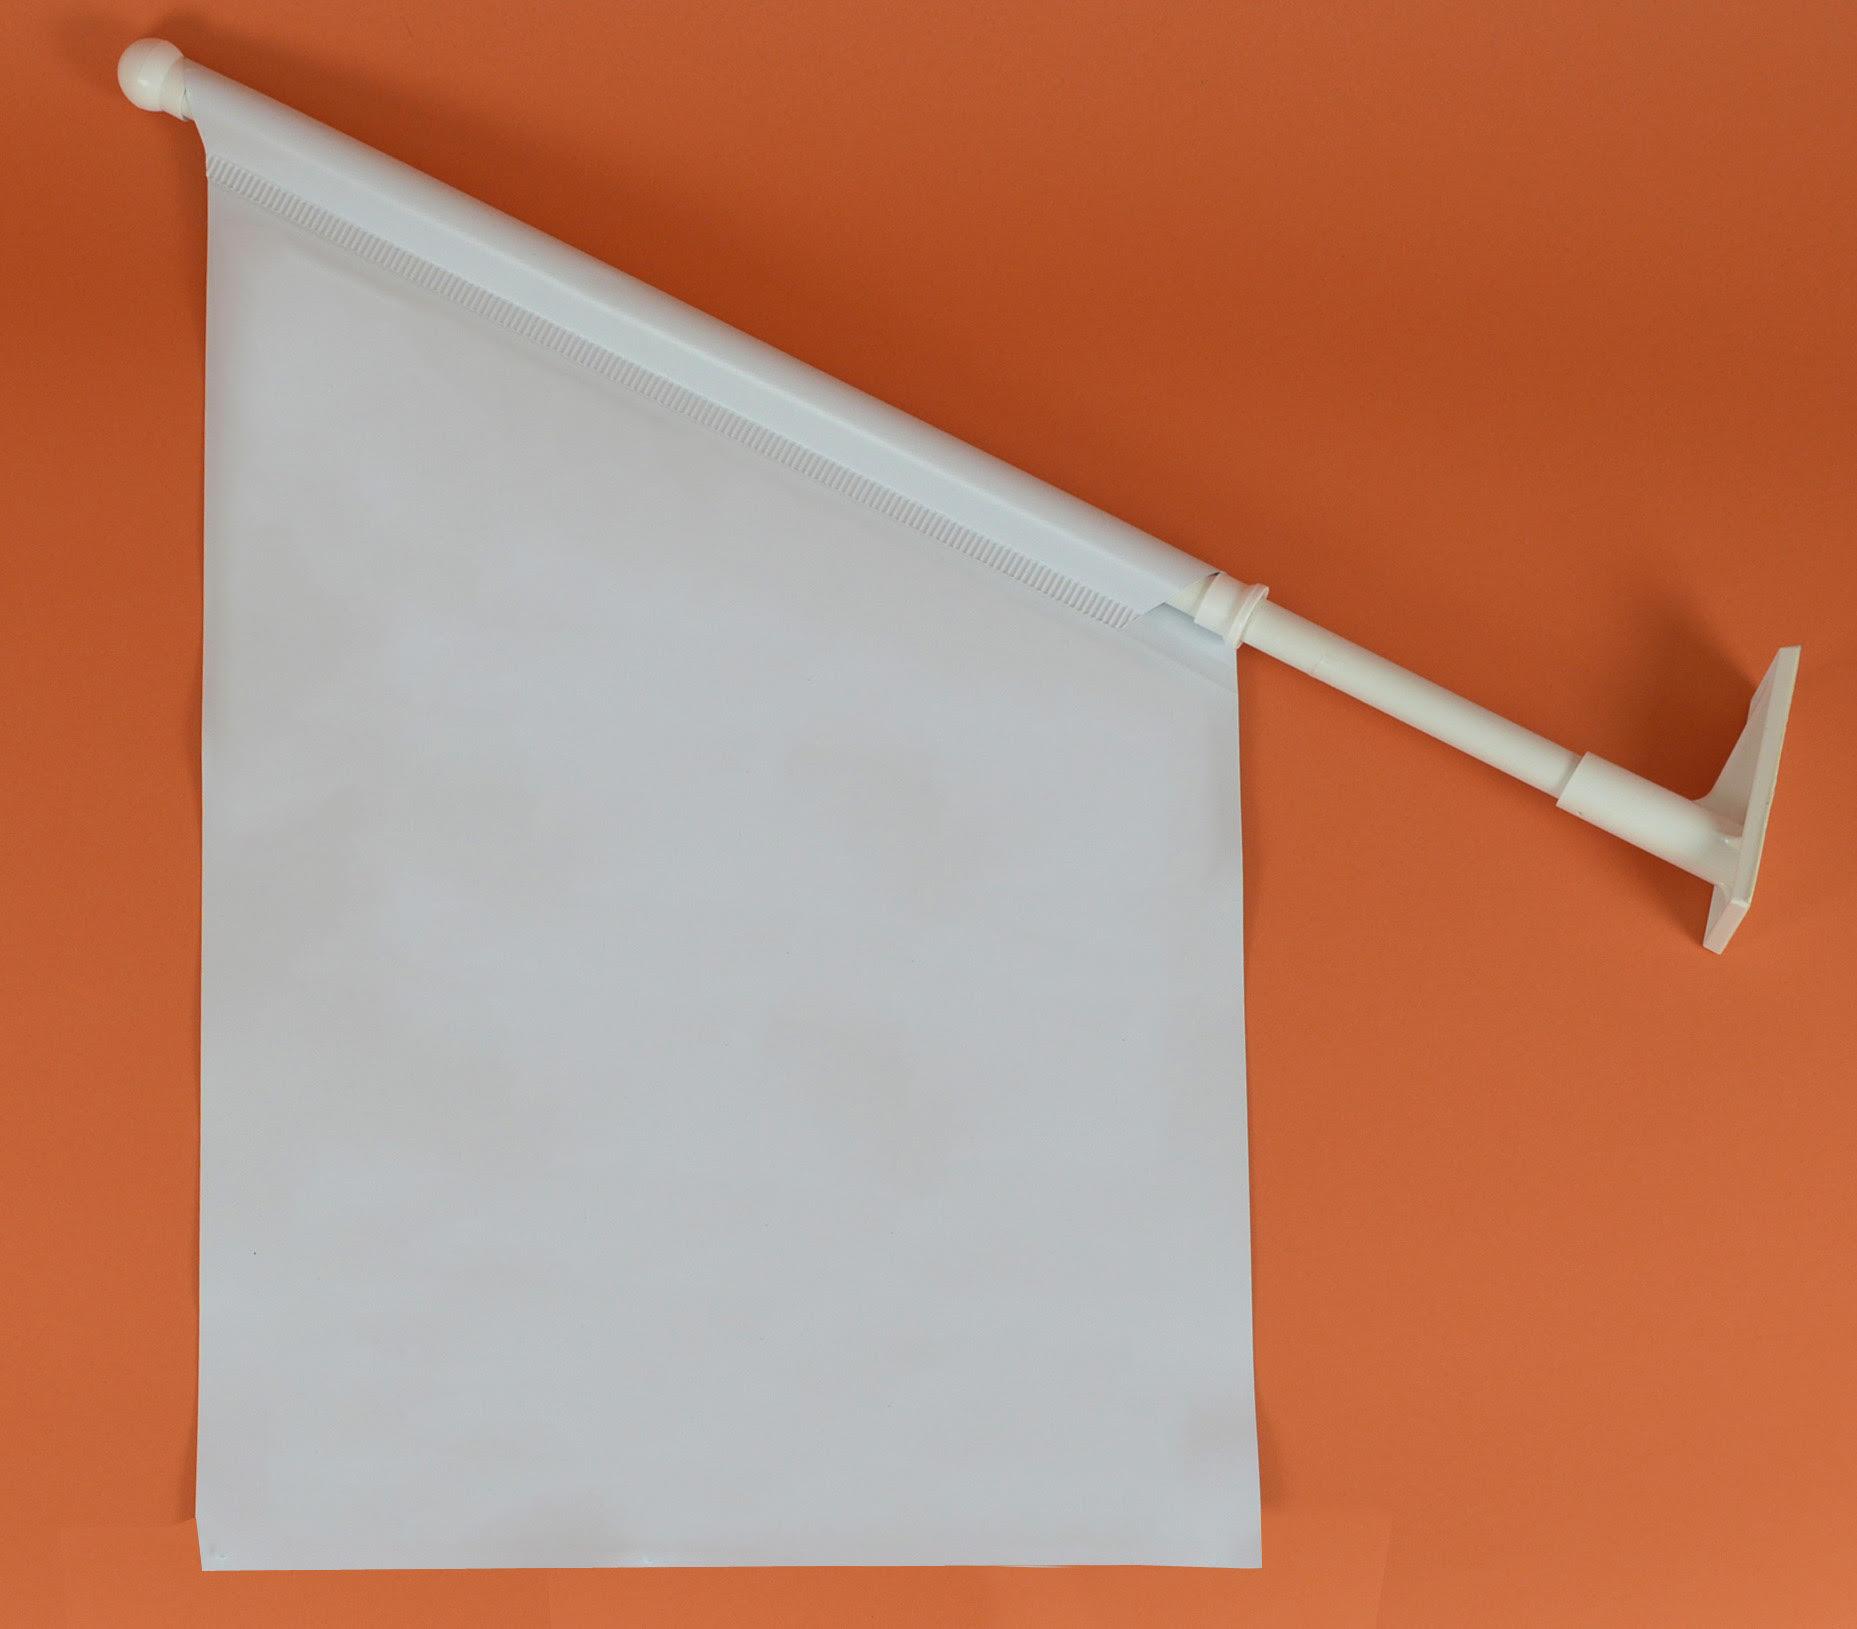 Werbeartikel: Weisse Artikel ab Lager=Kioskfahnen Weiss, Kioskfahnen Weiß,